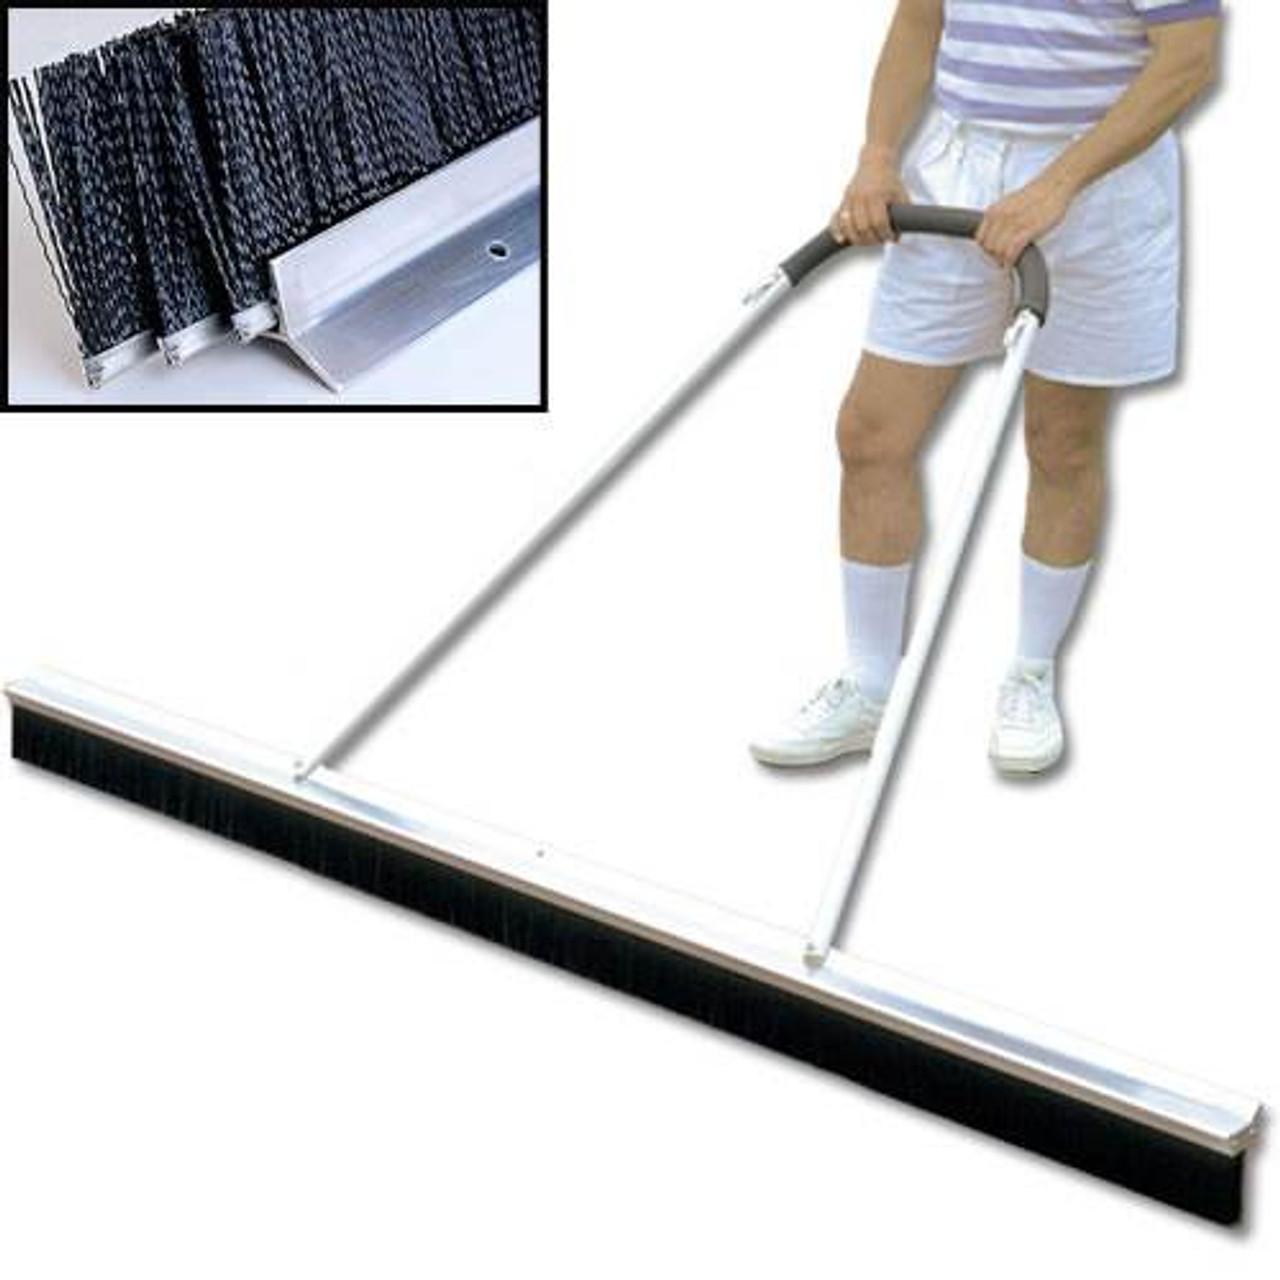 Three-Row Monster Broom